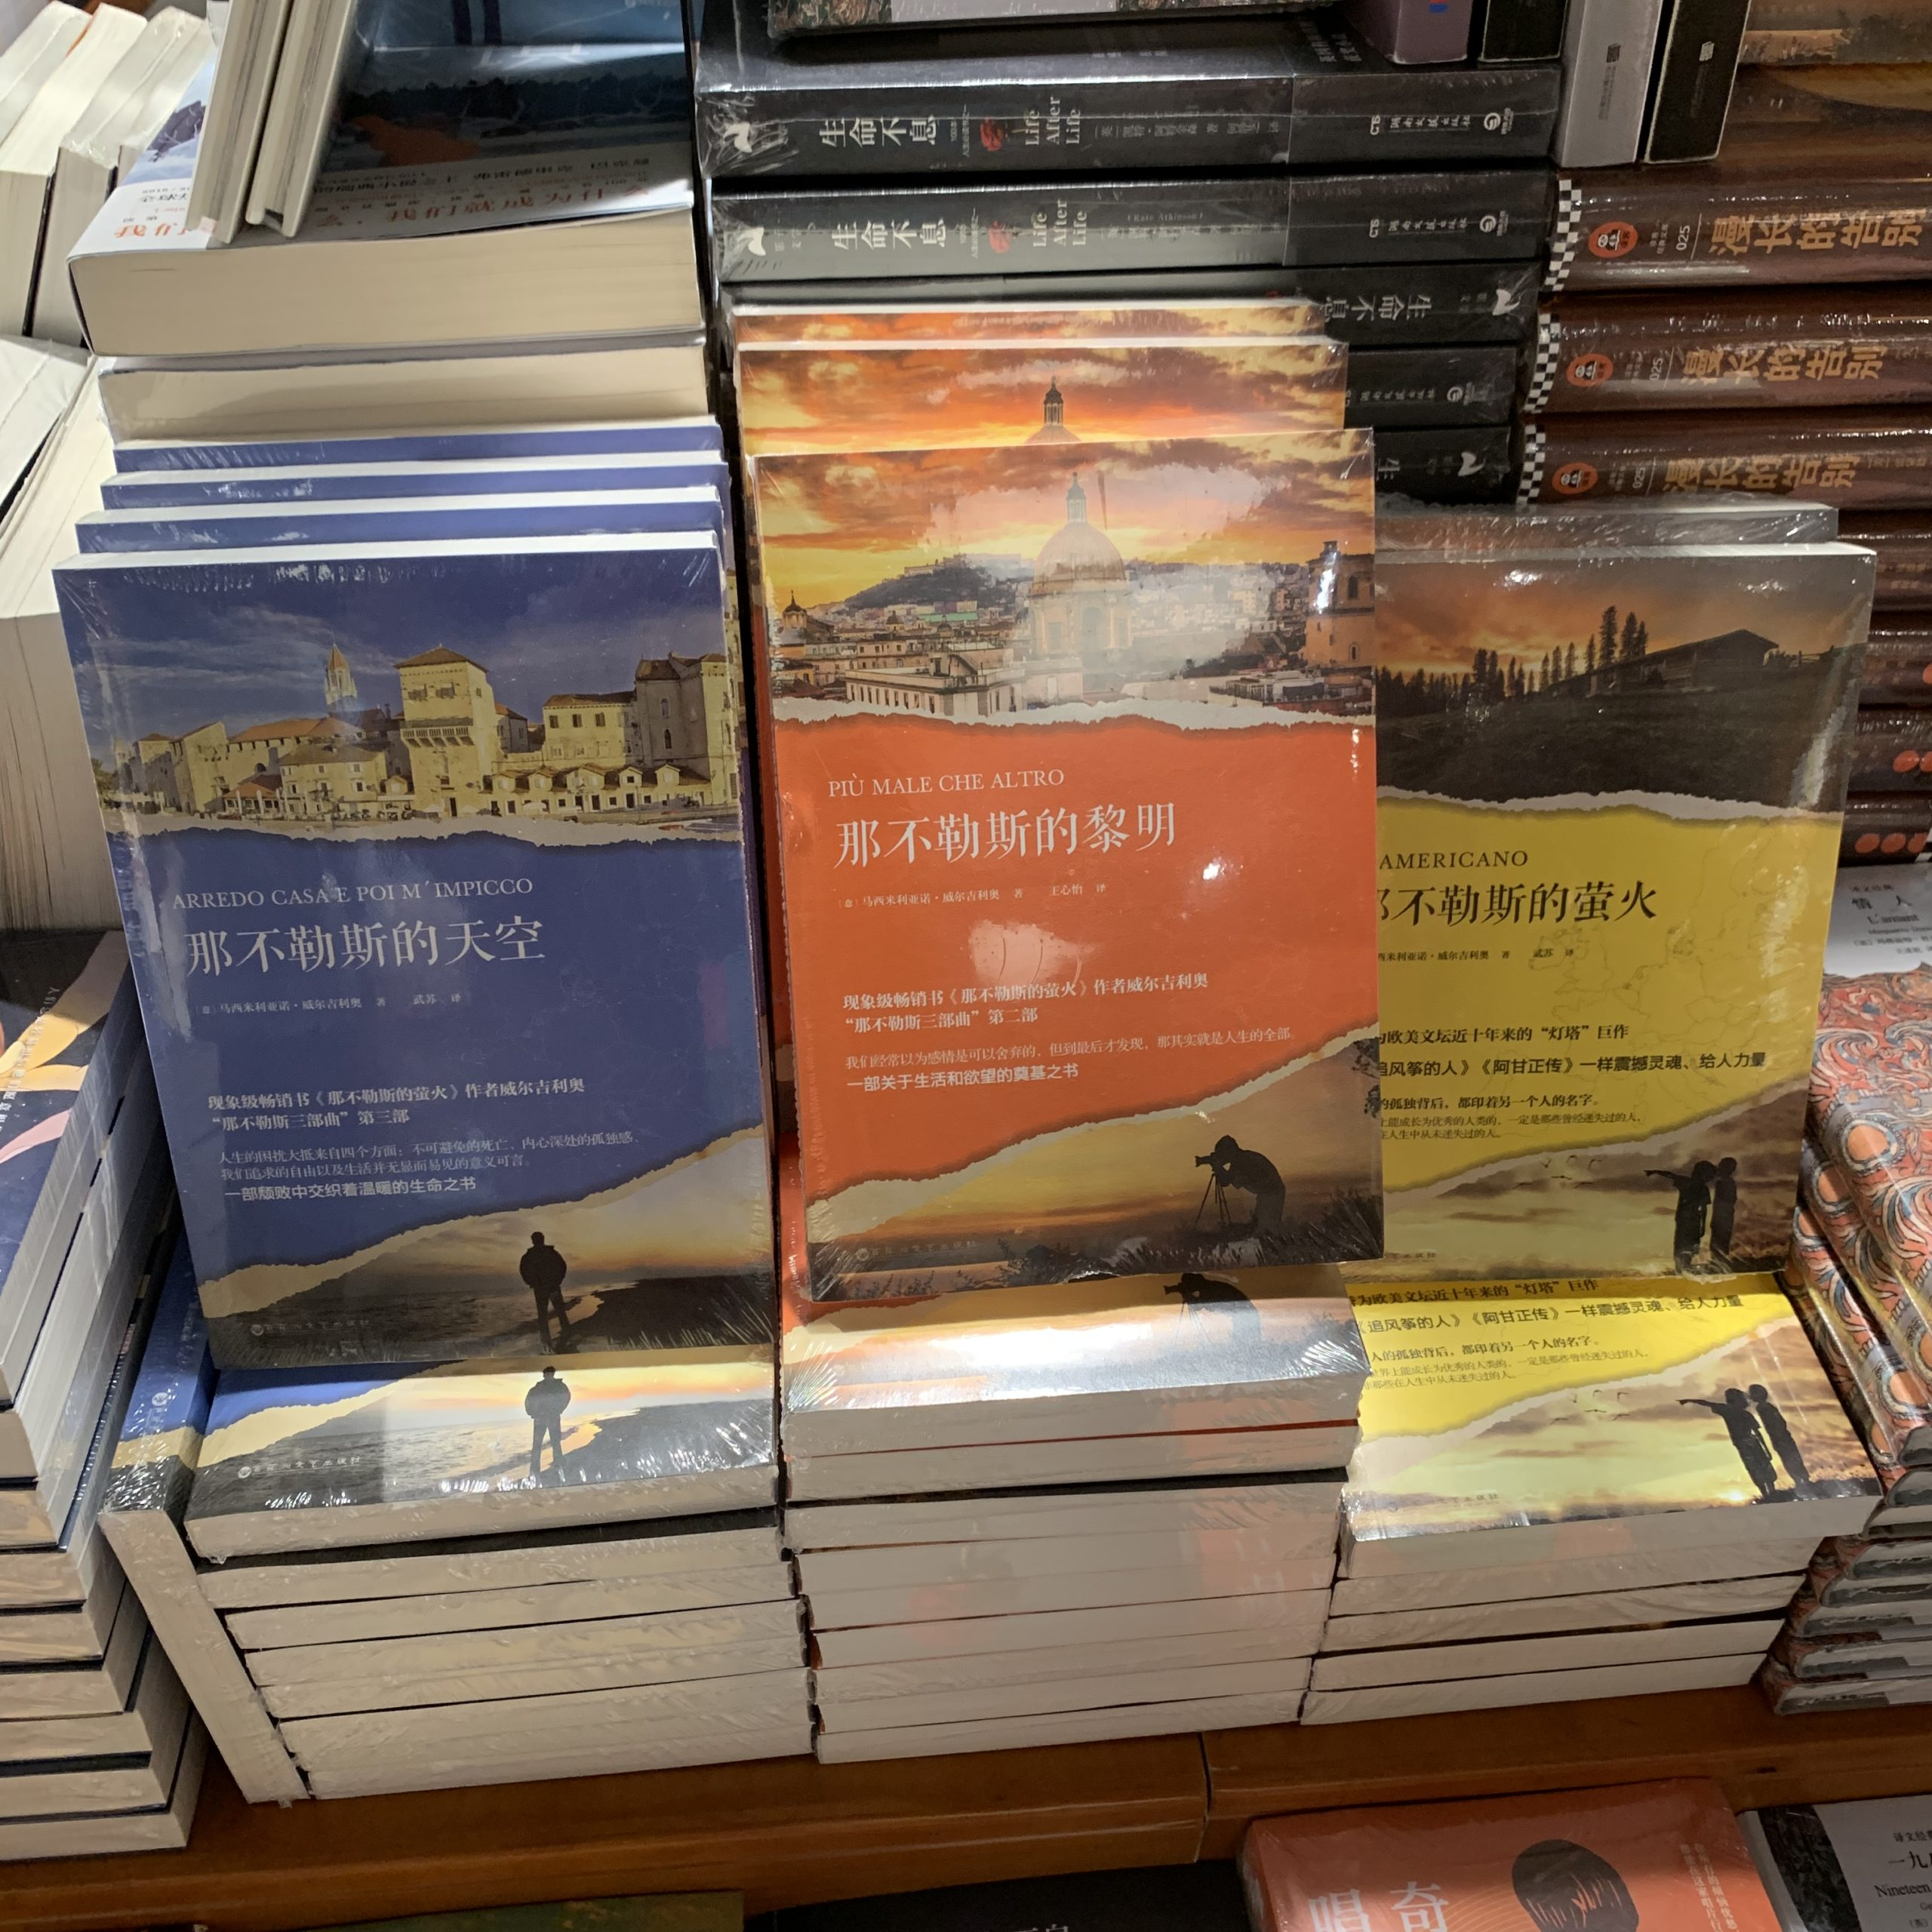 12 giugno 2019, Libreria Beijing